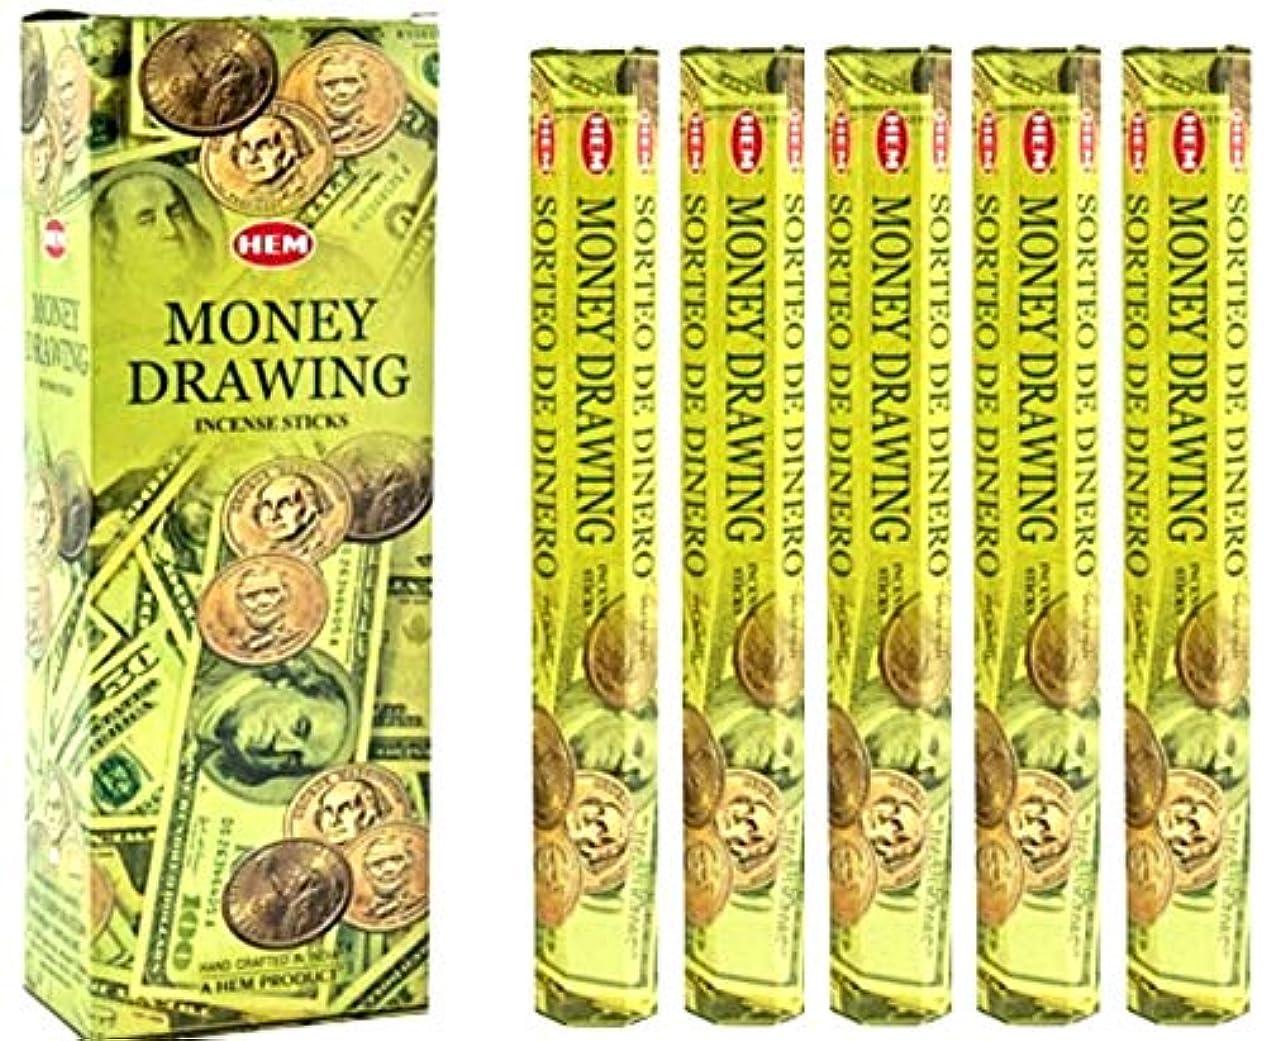 春もろい摂氏度裾Money Drawing 100 Incense Sticks (5 x 20スティックパック)